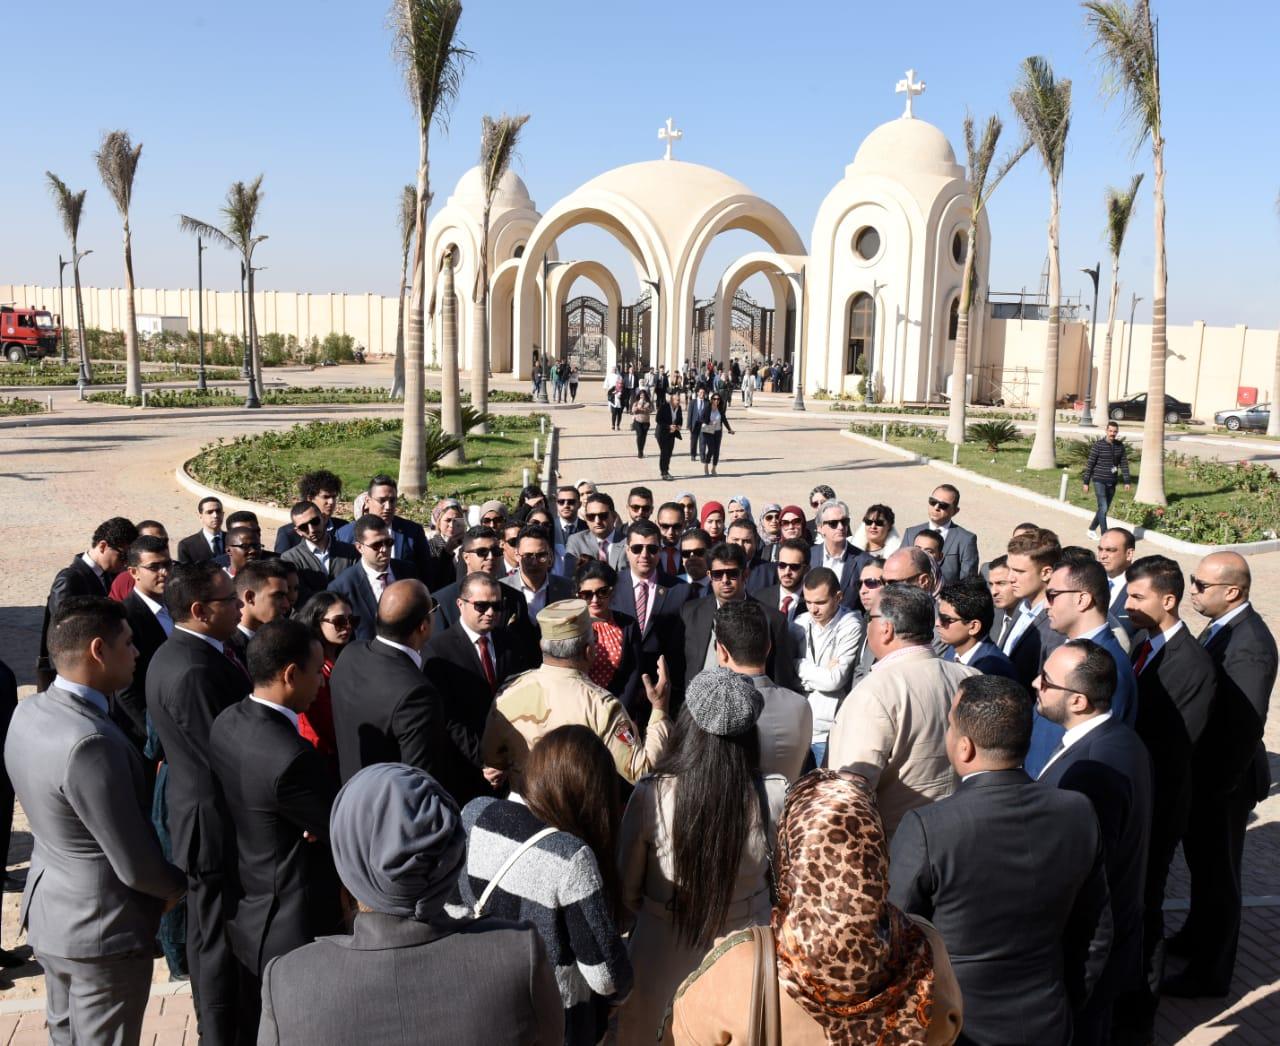 المشاركون بمنتدى أفريقيا خلال زيارتهم للكاتدرائية بالعاصمة